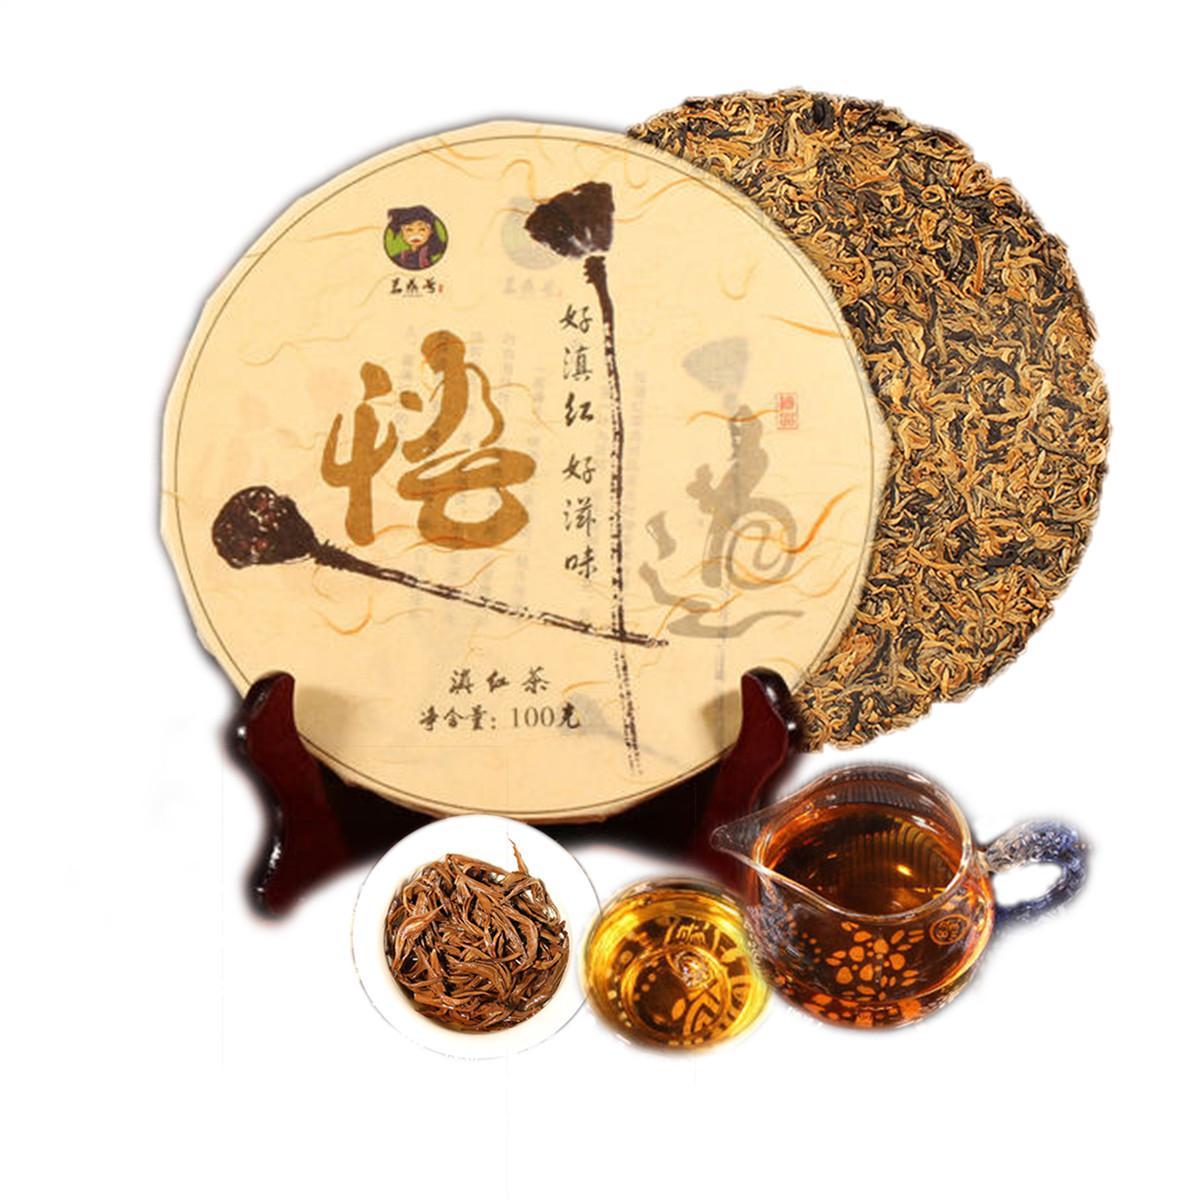 100g preto orgânico chá chinês Yunnan Mini bolo ouro Buds Dianhong Chá Vermelho Health Care New Cozido Promoção Food Green Tea